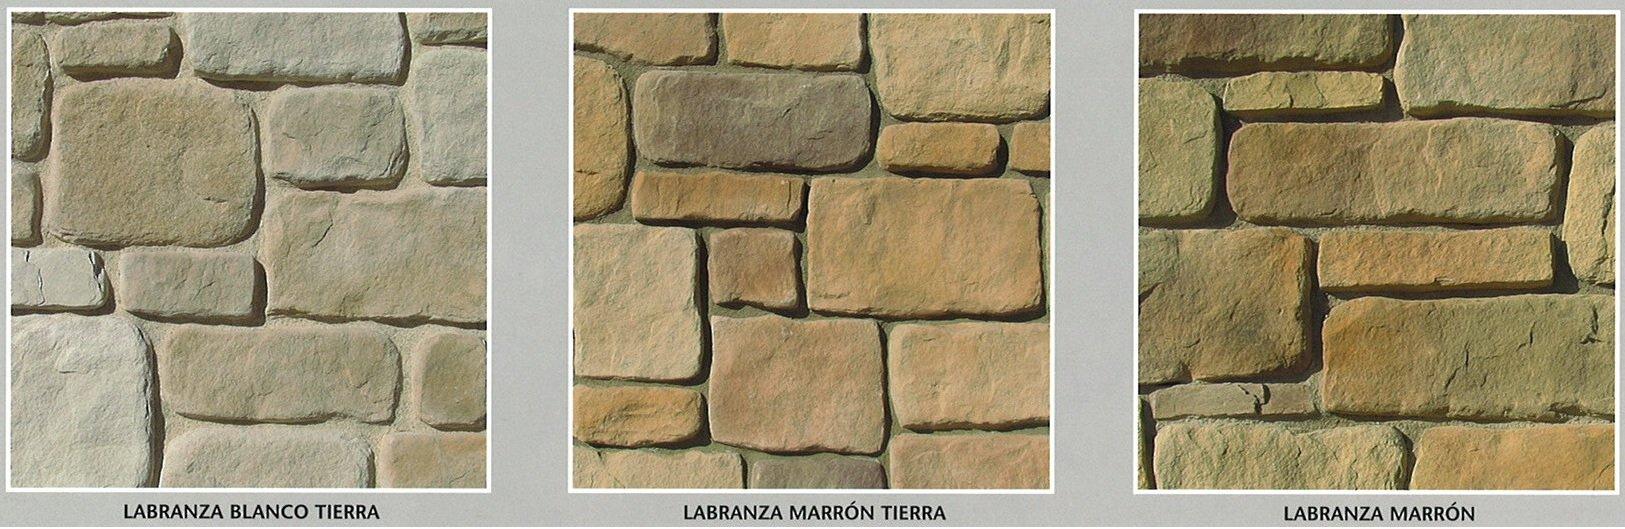 piedra cultivada labranza modelos